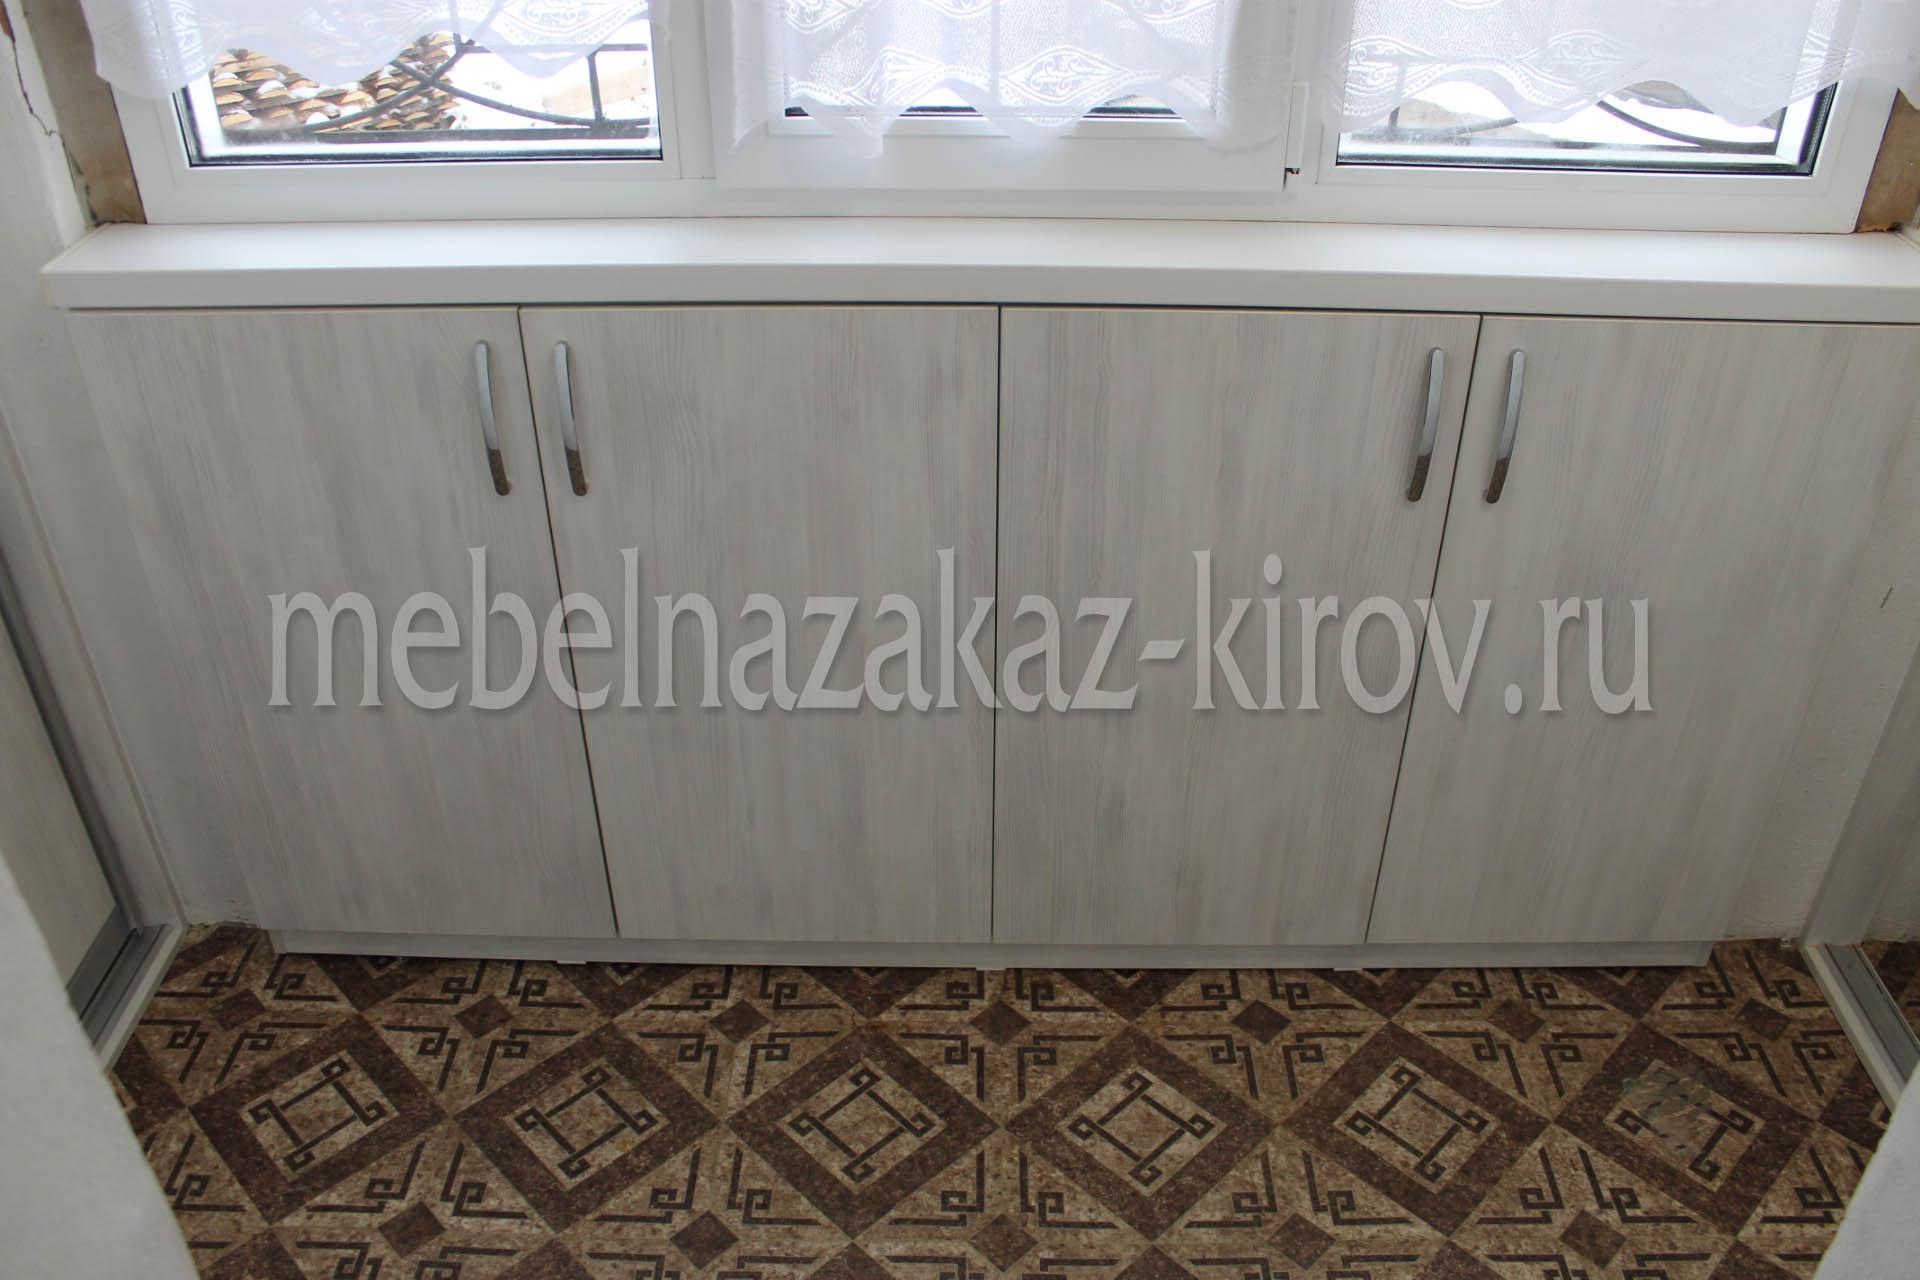 mebel_na_zakaz_kirov_001